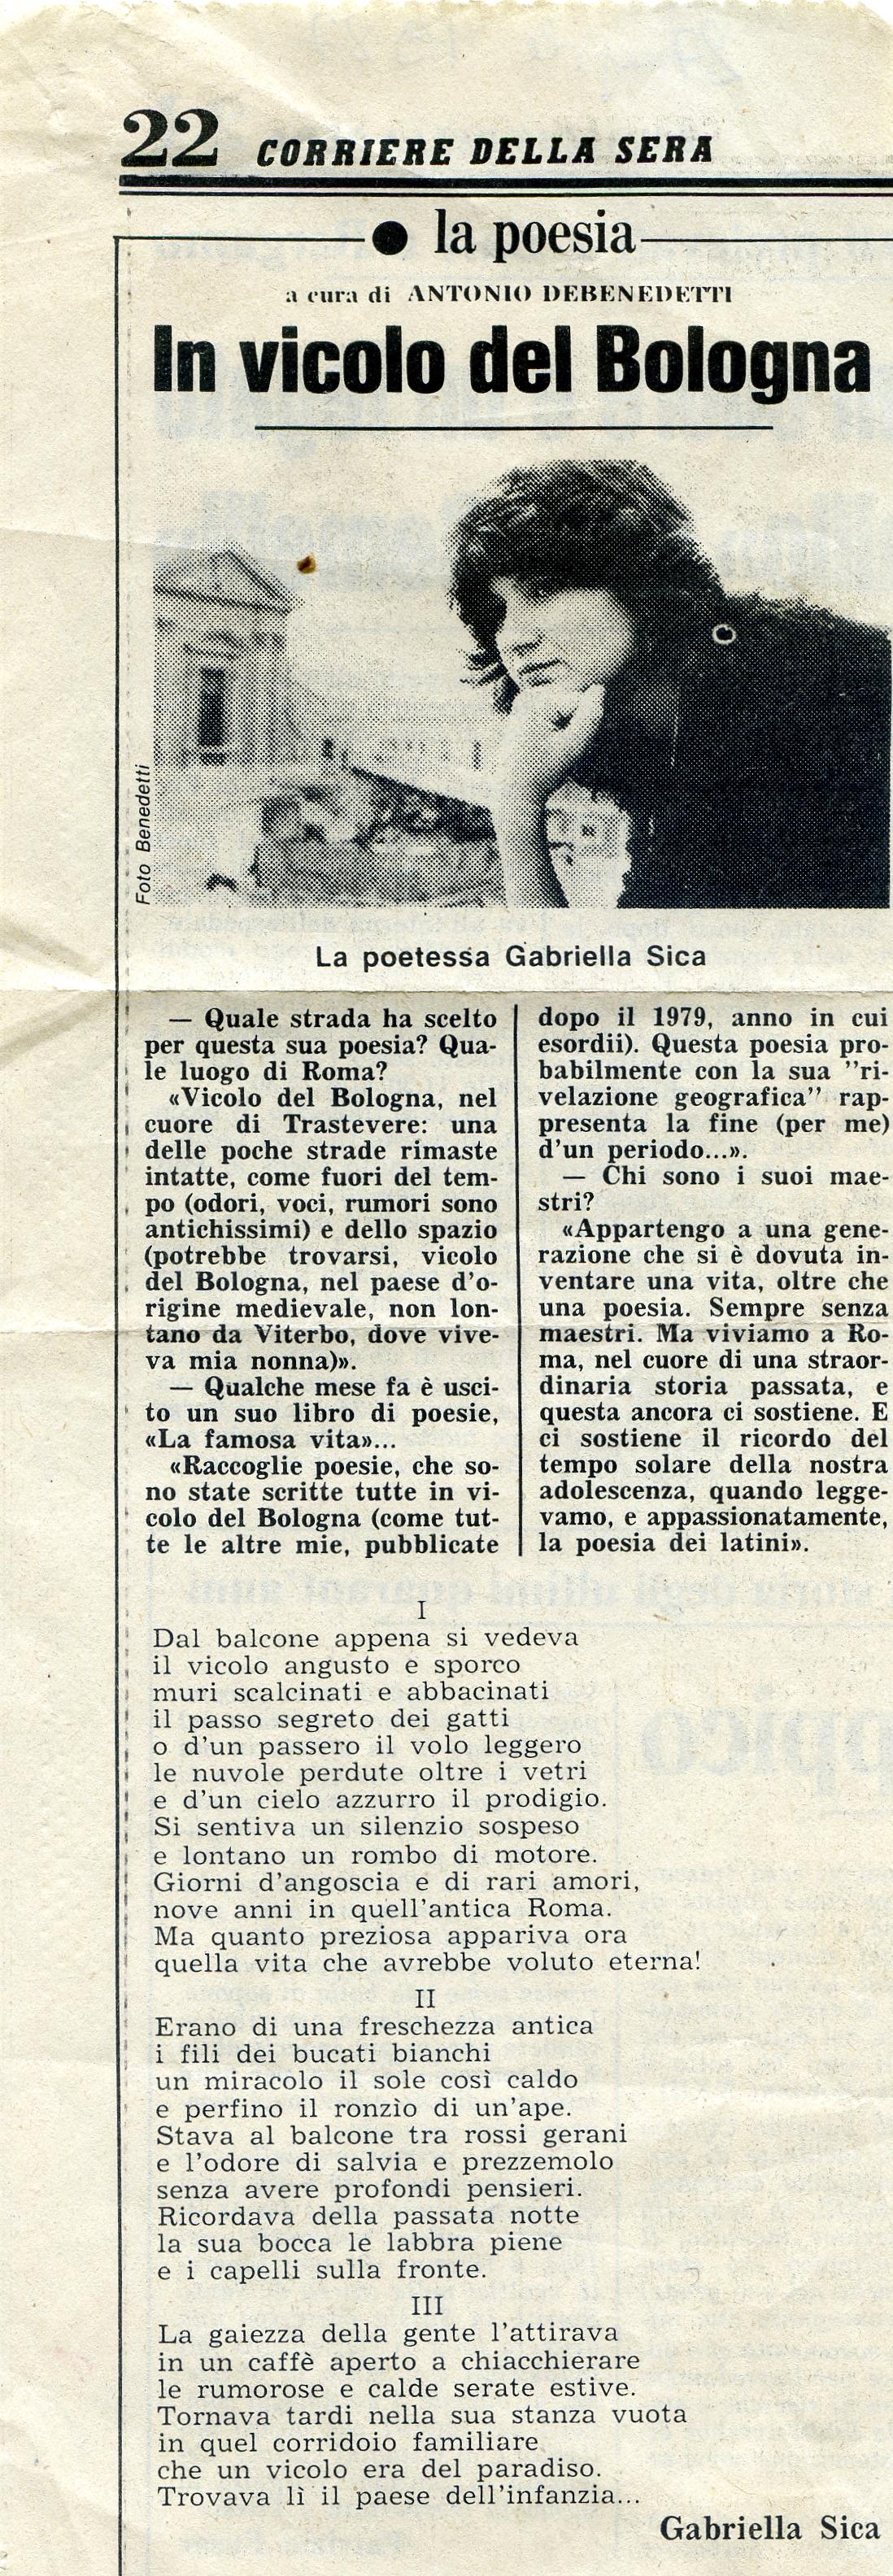 In vicolo del Bologna 1987